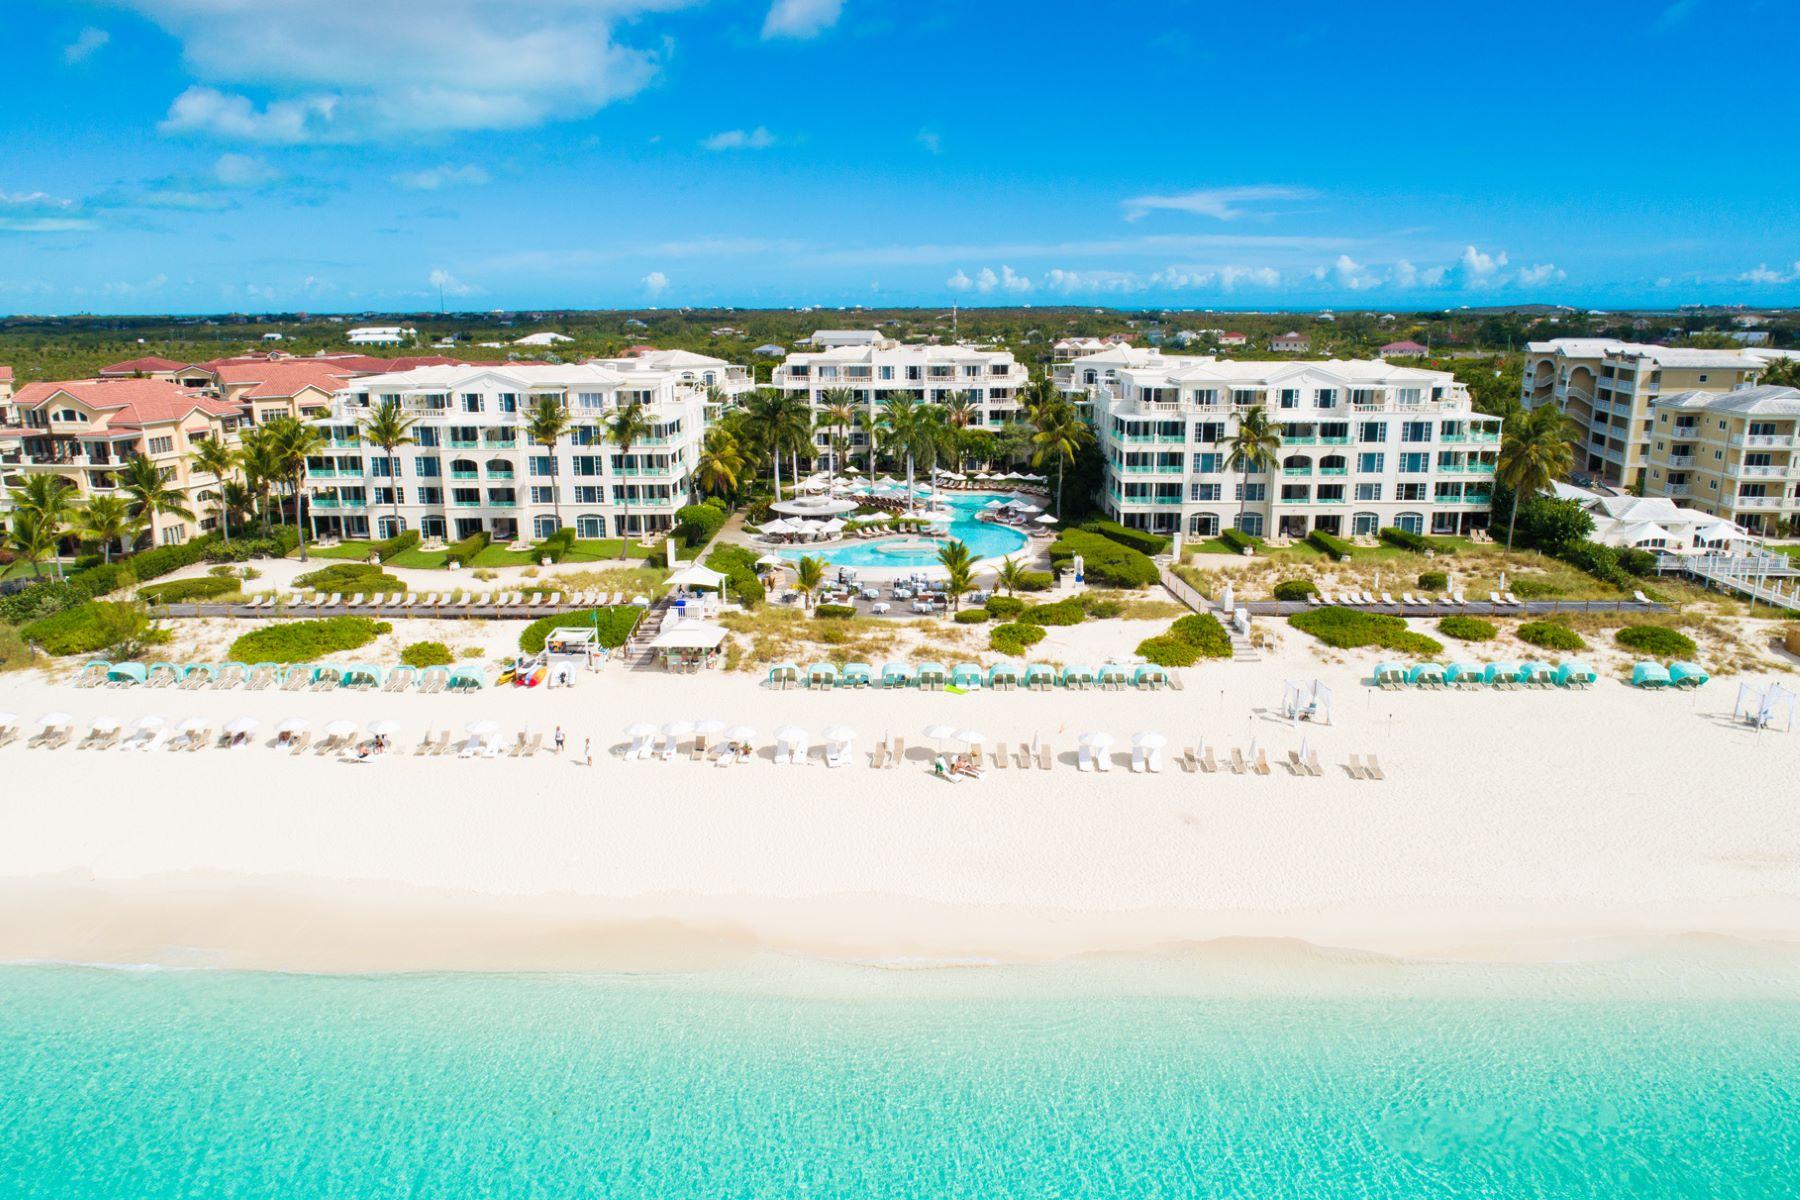 콘도미니엄 용 매매 에 The Palms - Suite 1408.09.10 Beachfront, Grace Bay, 프로비덴시알레스섬, TKCA 1ZZ 터크스 케이커스 제도